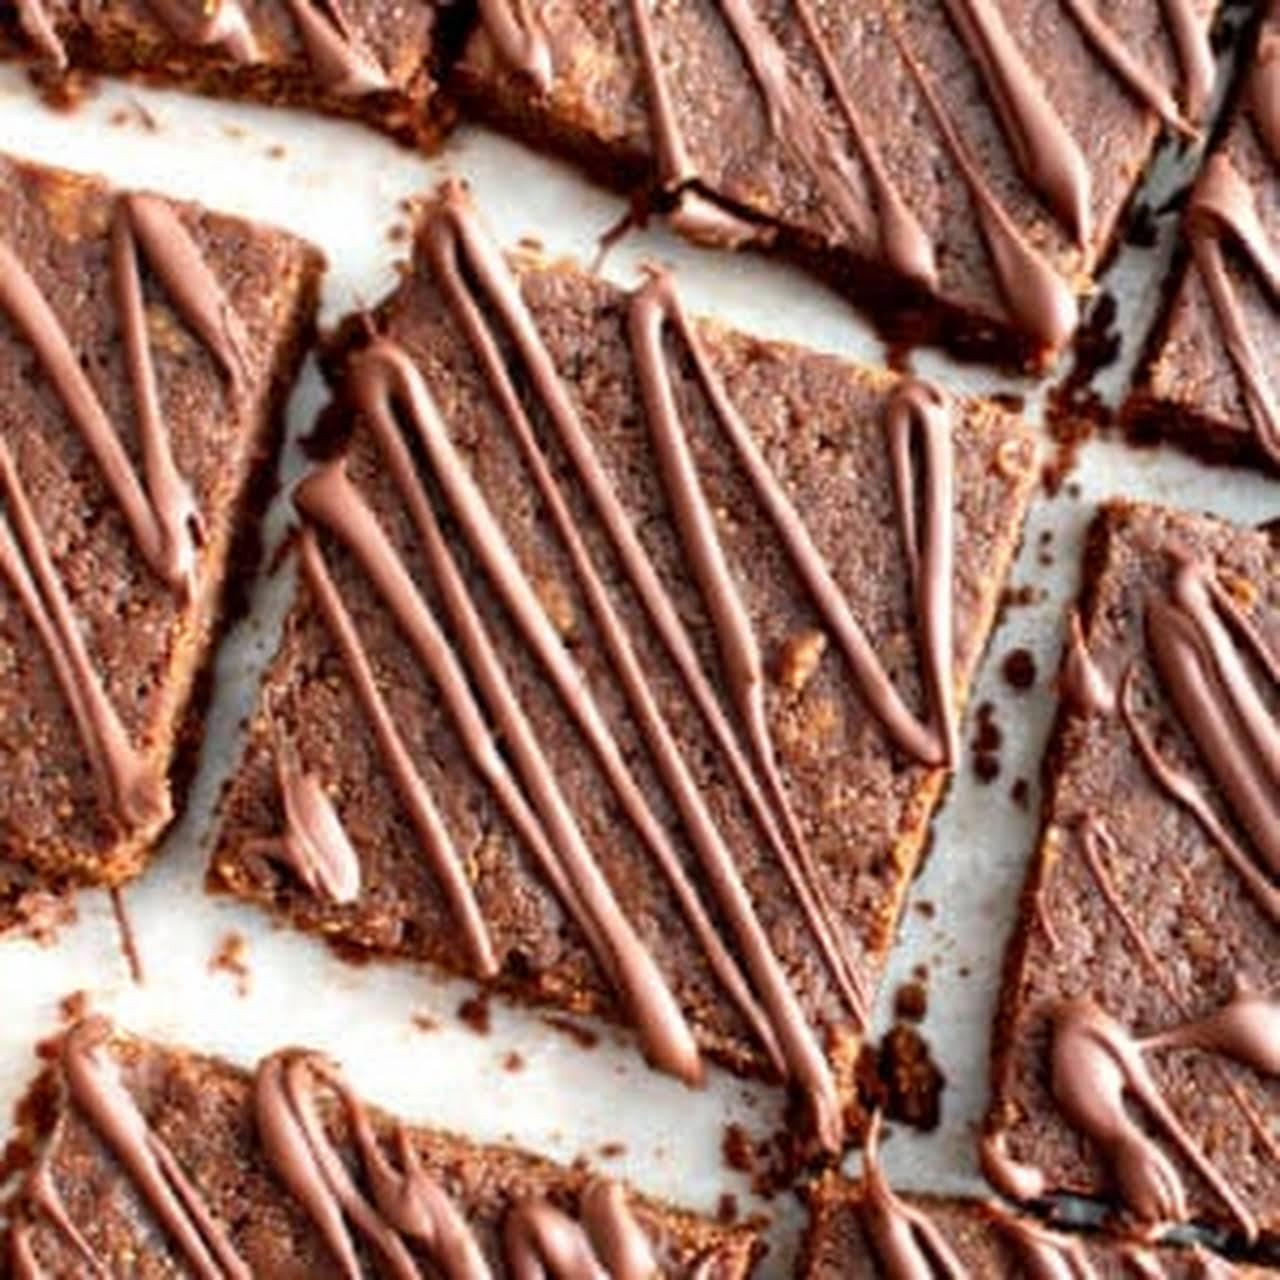 5 Ingredient Raw Vegan Brownies (No Bake) – Best Healthy Raw Brownies Recipe!